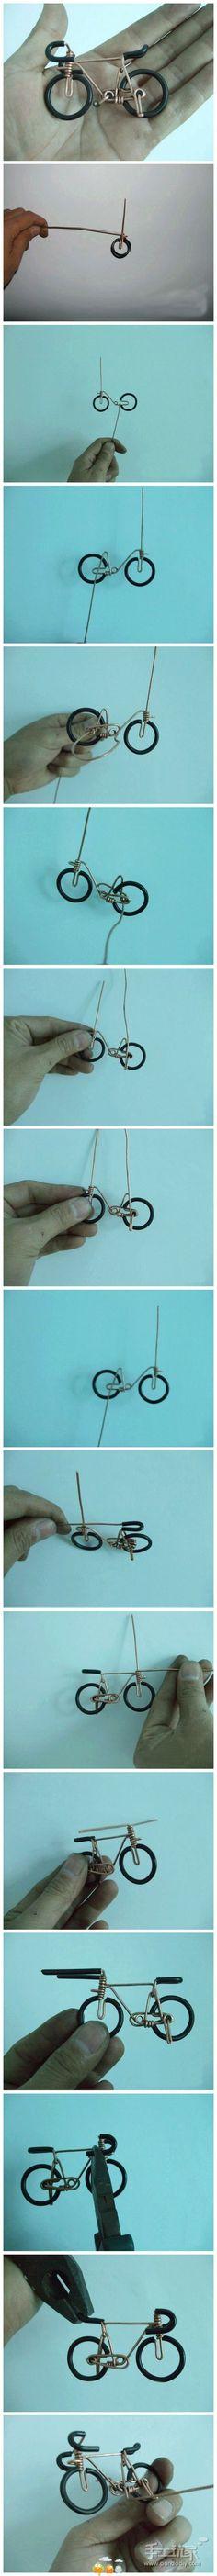 Draht Fahrrad Mehr